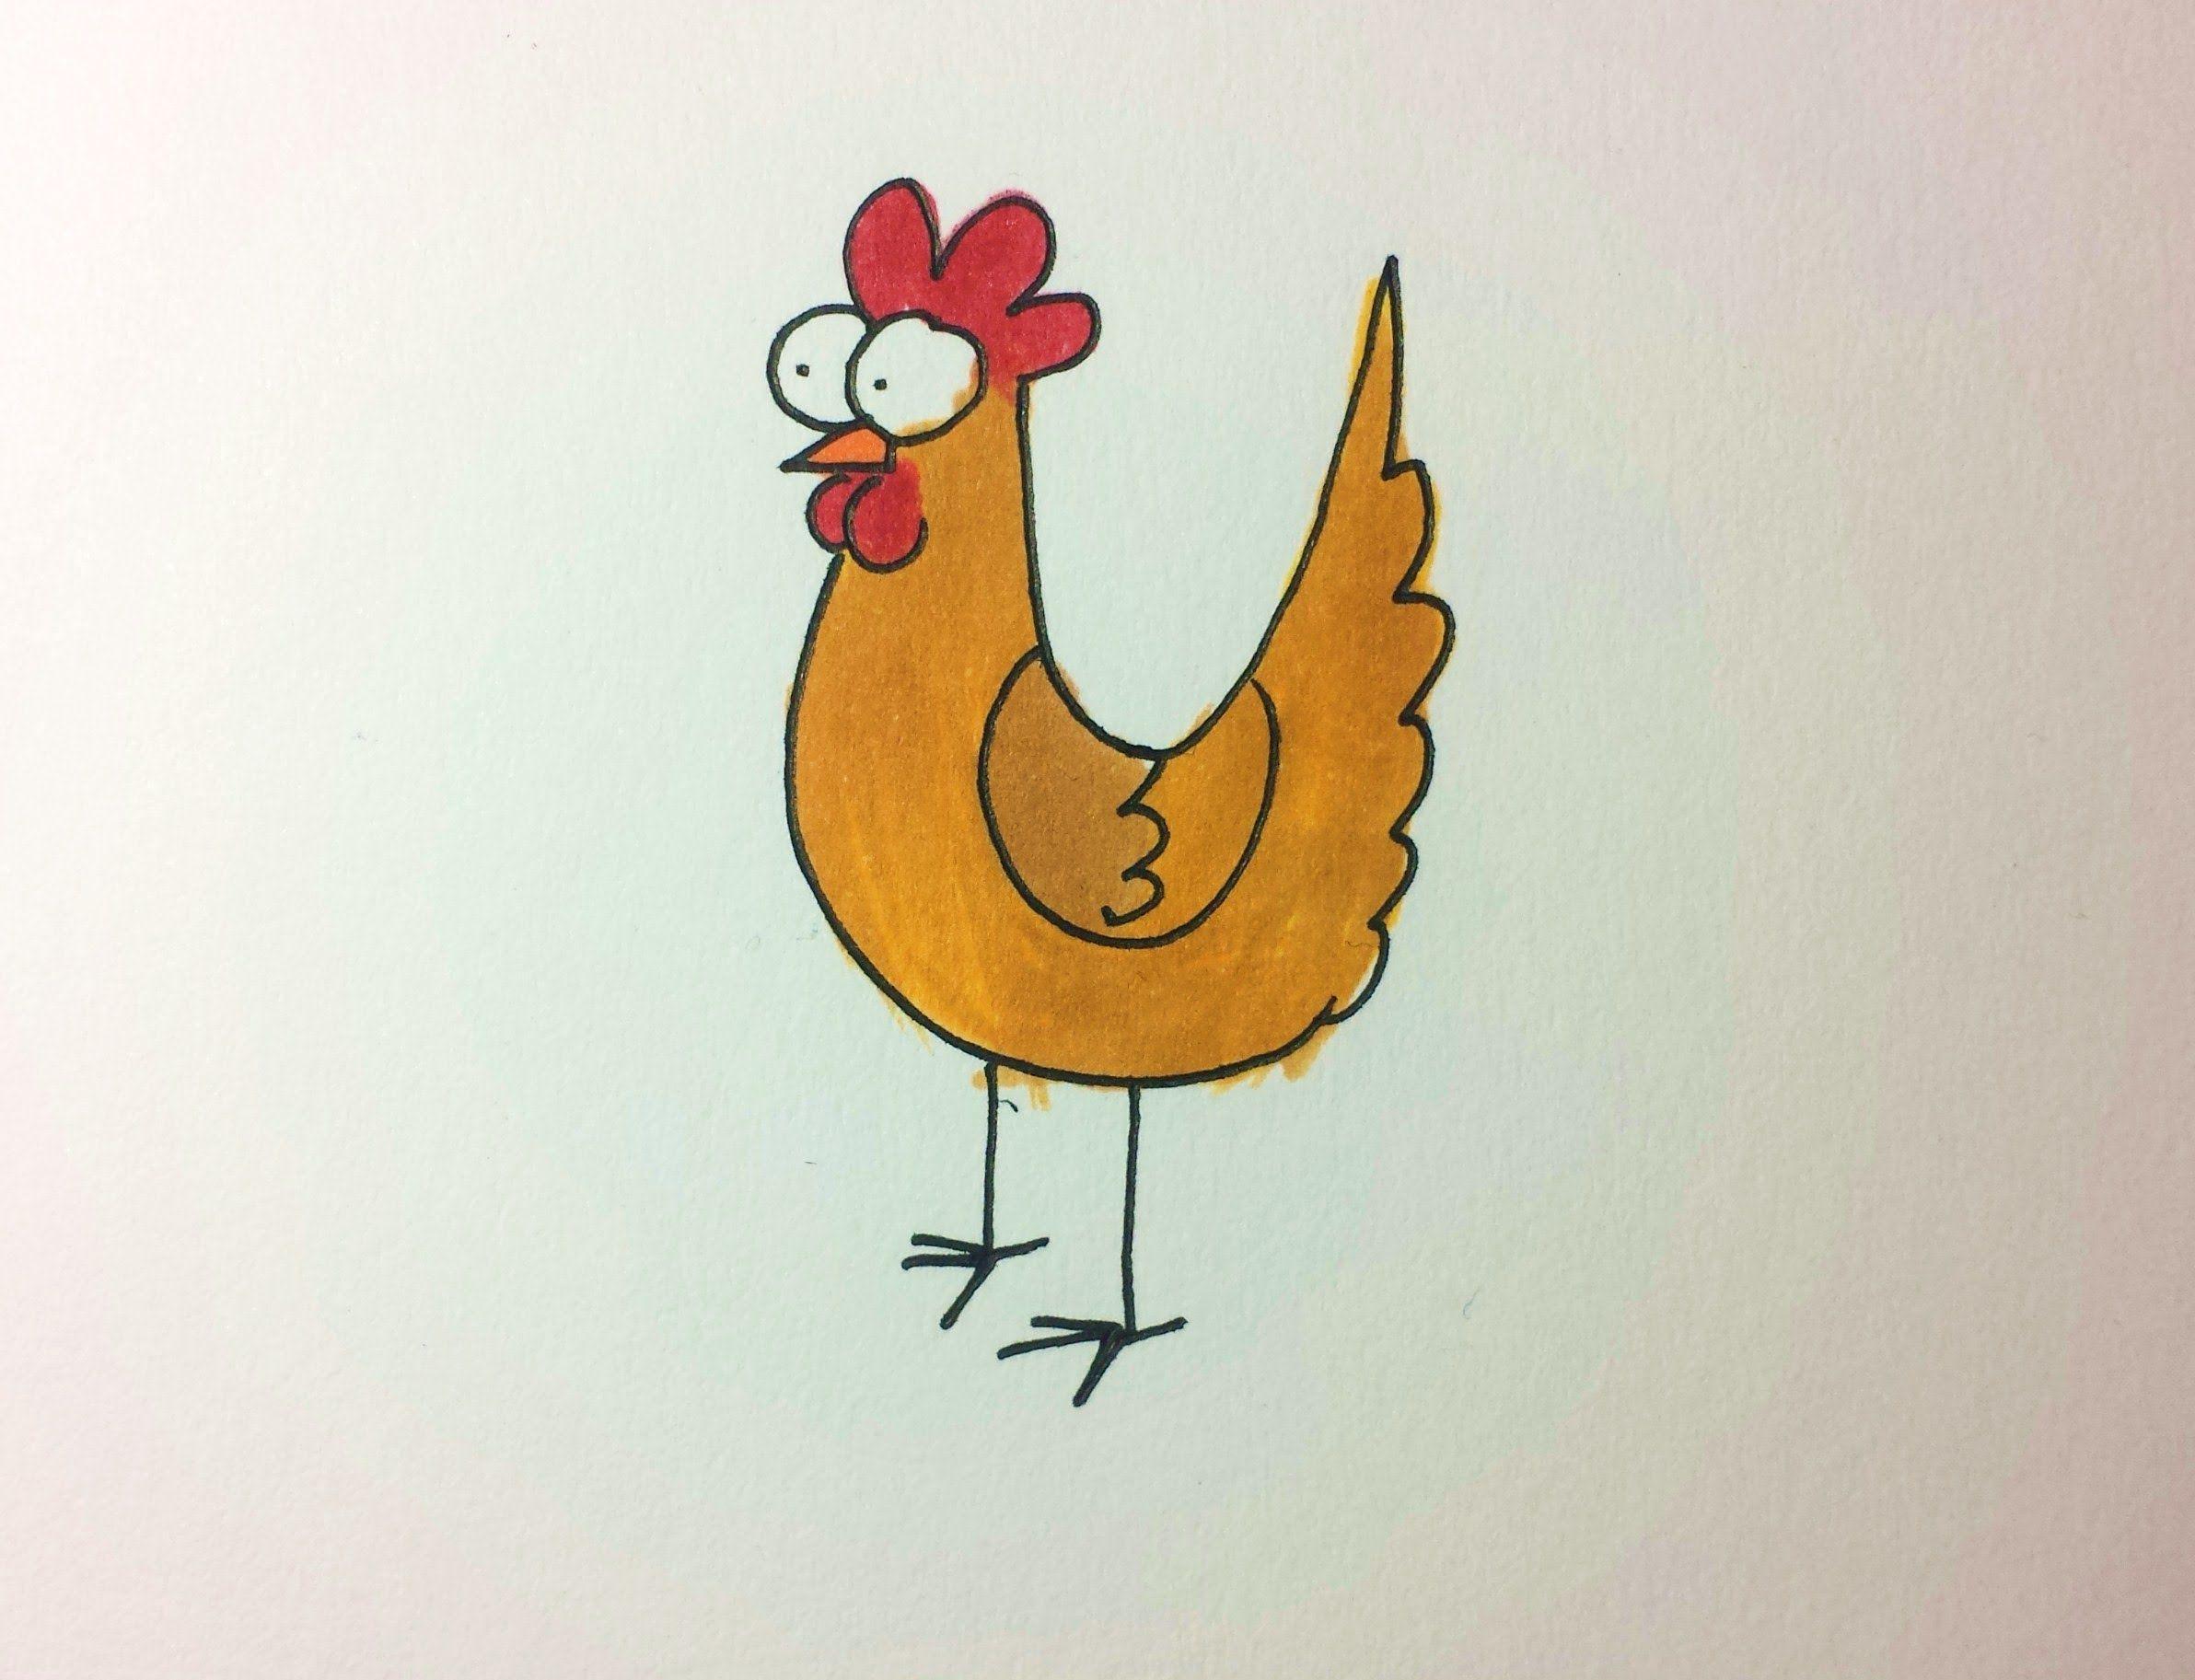 2384x1825 How To Draw A Cartoon Chicken Henrietta Chicken